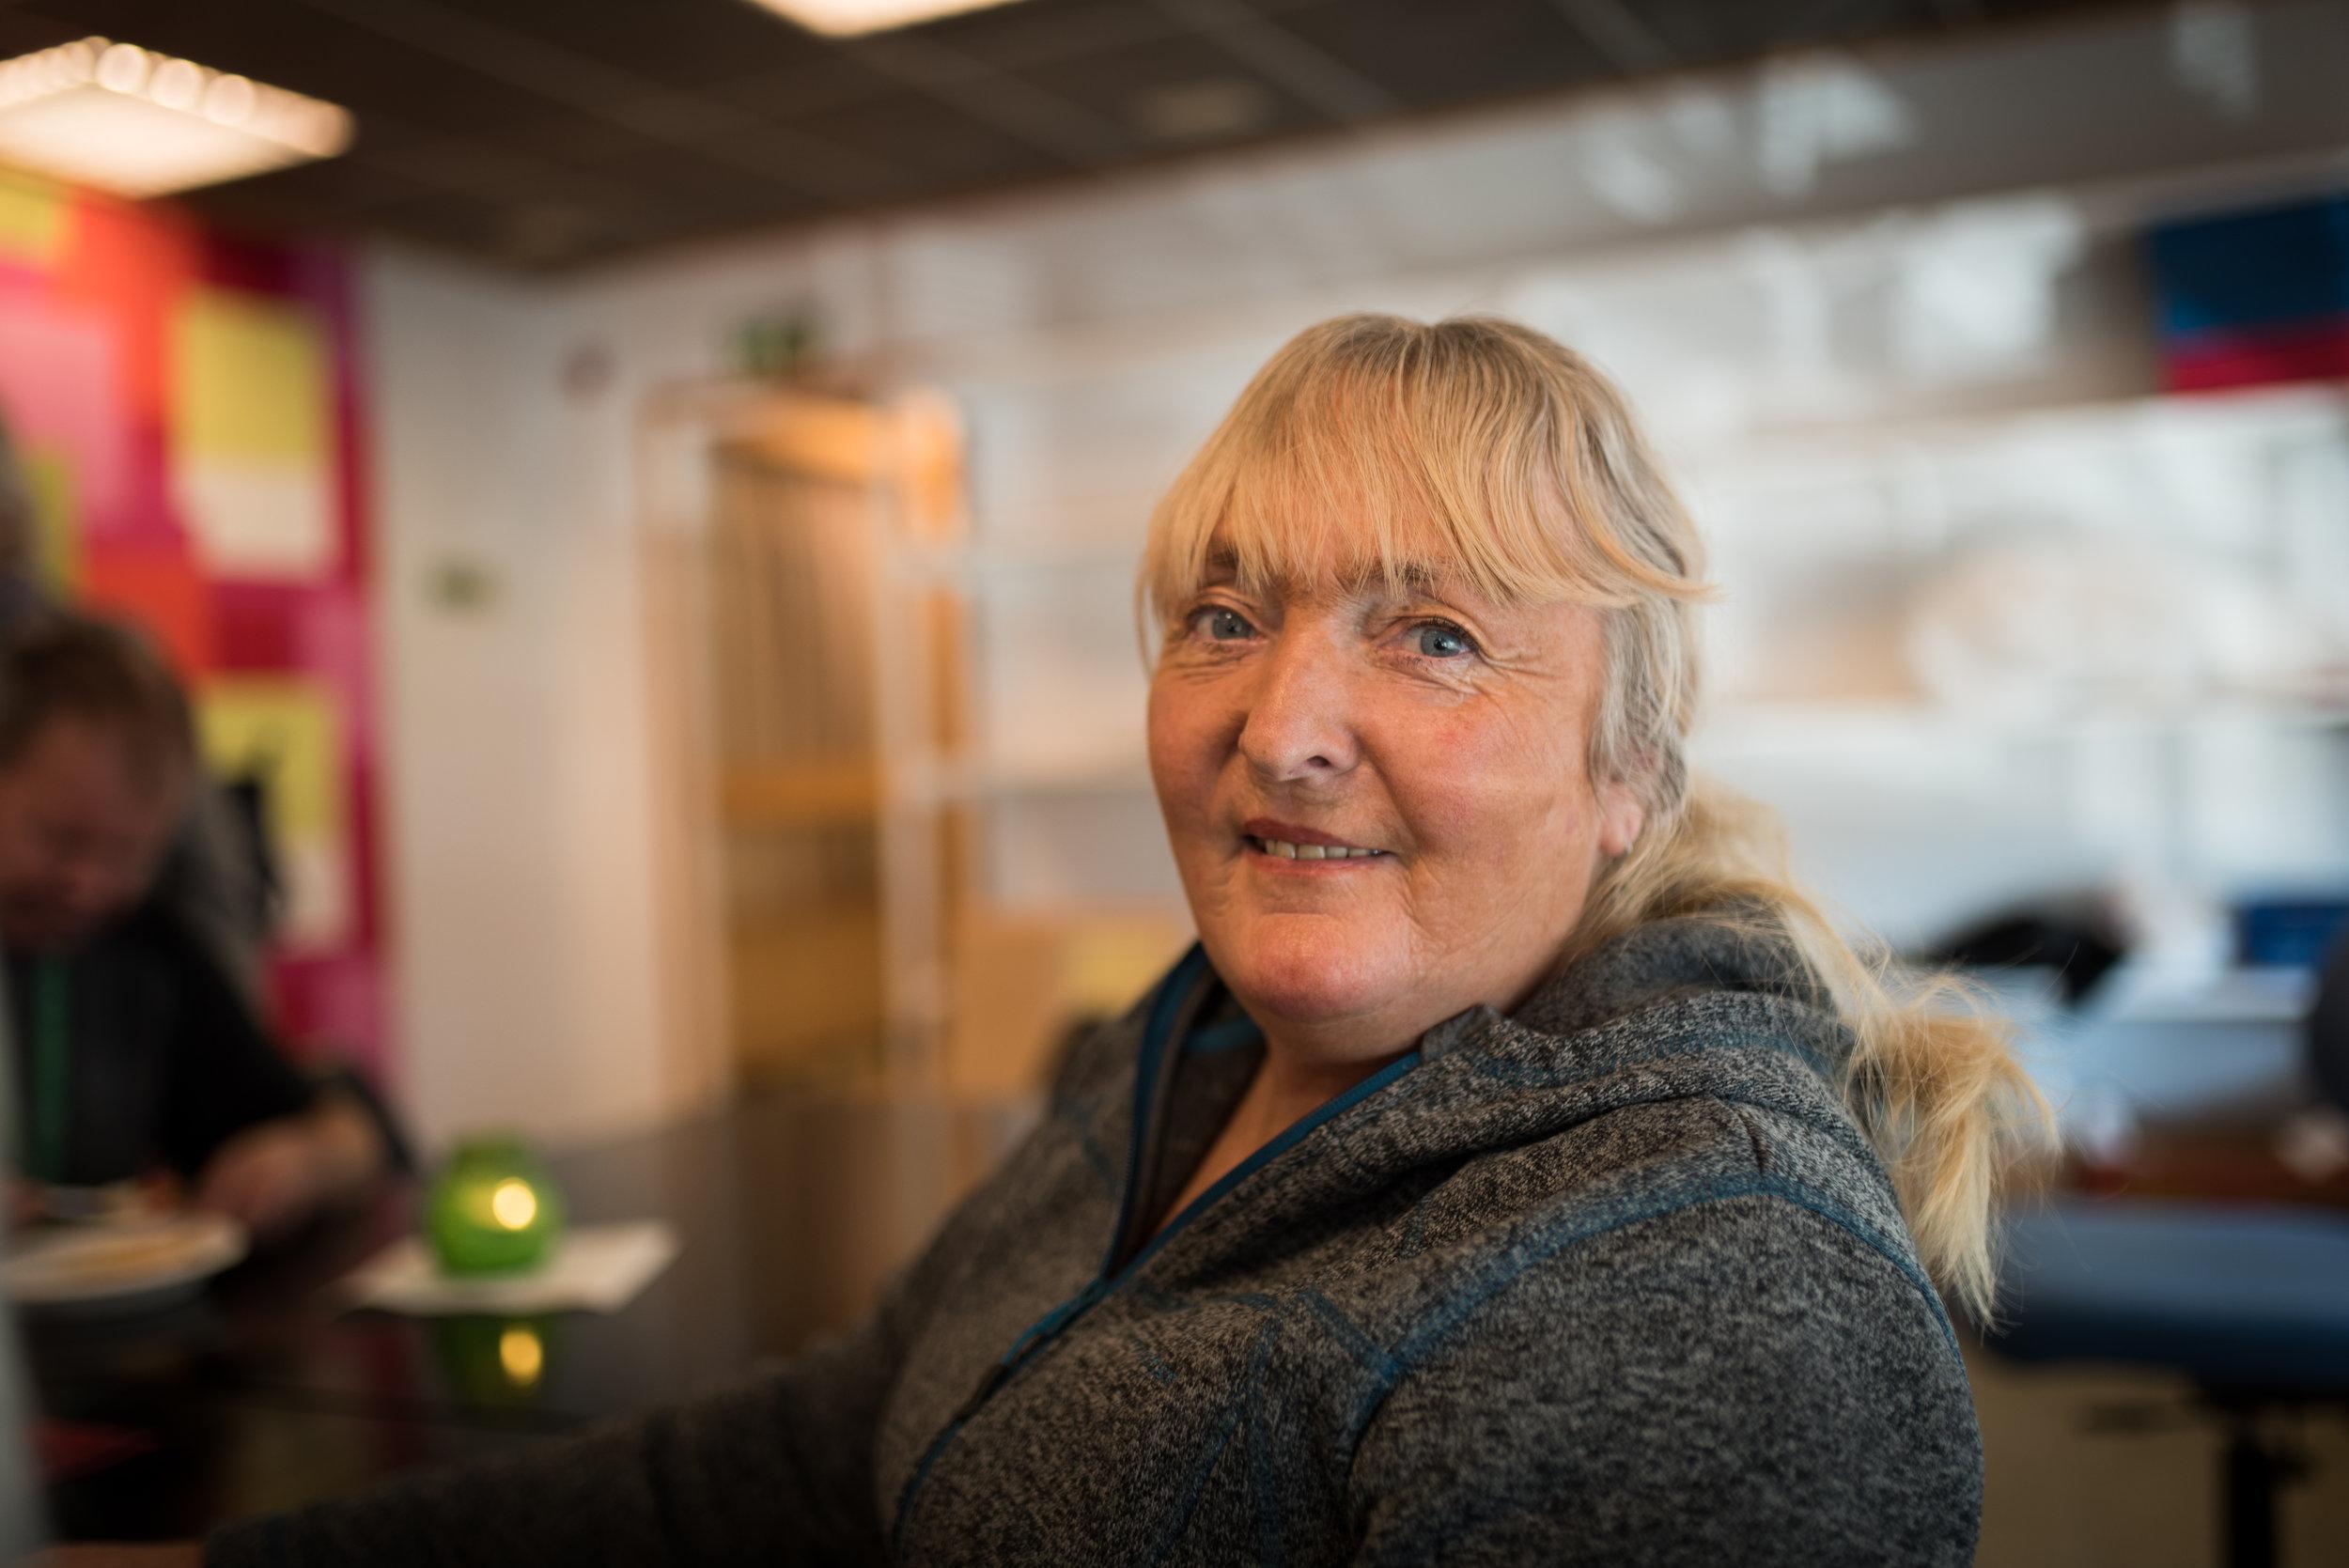 Grete Mona Jørmeland å være en samtalepartner for de hun møter via Foreningen Åpen Dør.